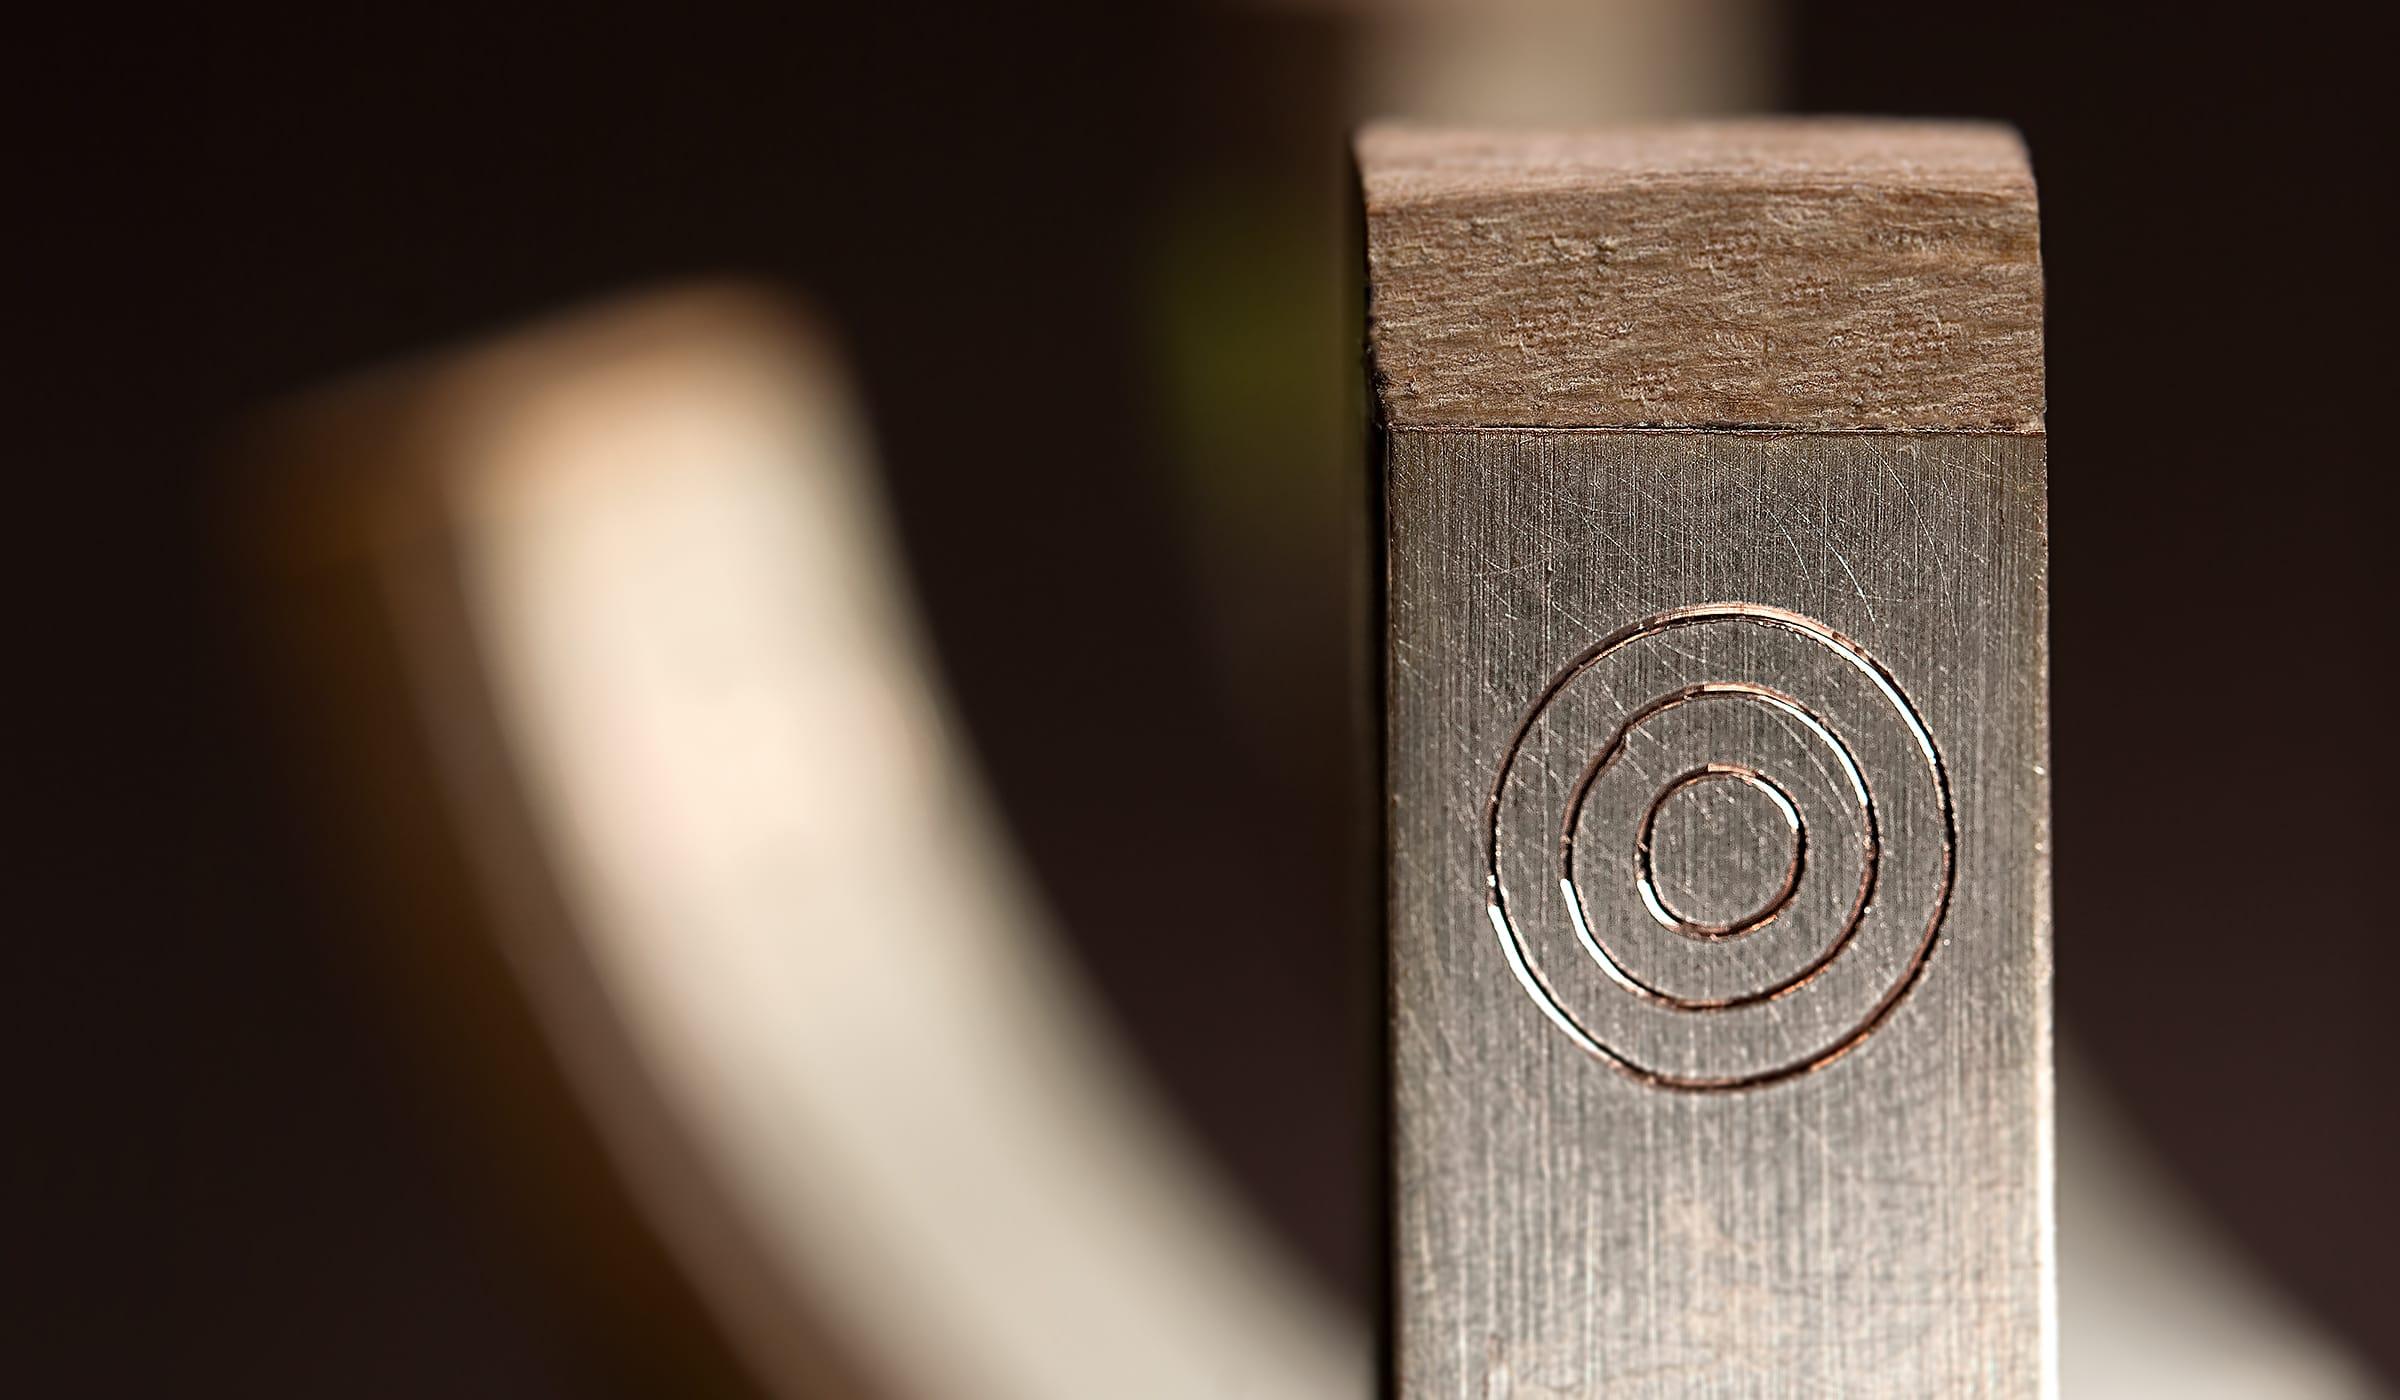 Konzeptarbeit ~ Produktentwicklung & Vermarktung ~ Produktdesign ~ Einsatzringe // Innengravur Einsatzringe // dalarna // Branding/ Brand Design/ Corporate Design/ Logo/ KERSTIN MICHELS – DESIGN/ Designagentur/ Werbeagentur/Grafikdesign/ Kommunikationsdesign/ Hermeskeil/ Hochwald/ Trier/ Rheinland-Pfalz/ Werbung/ Design